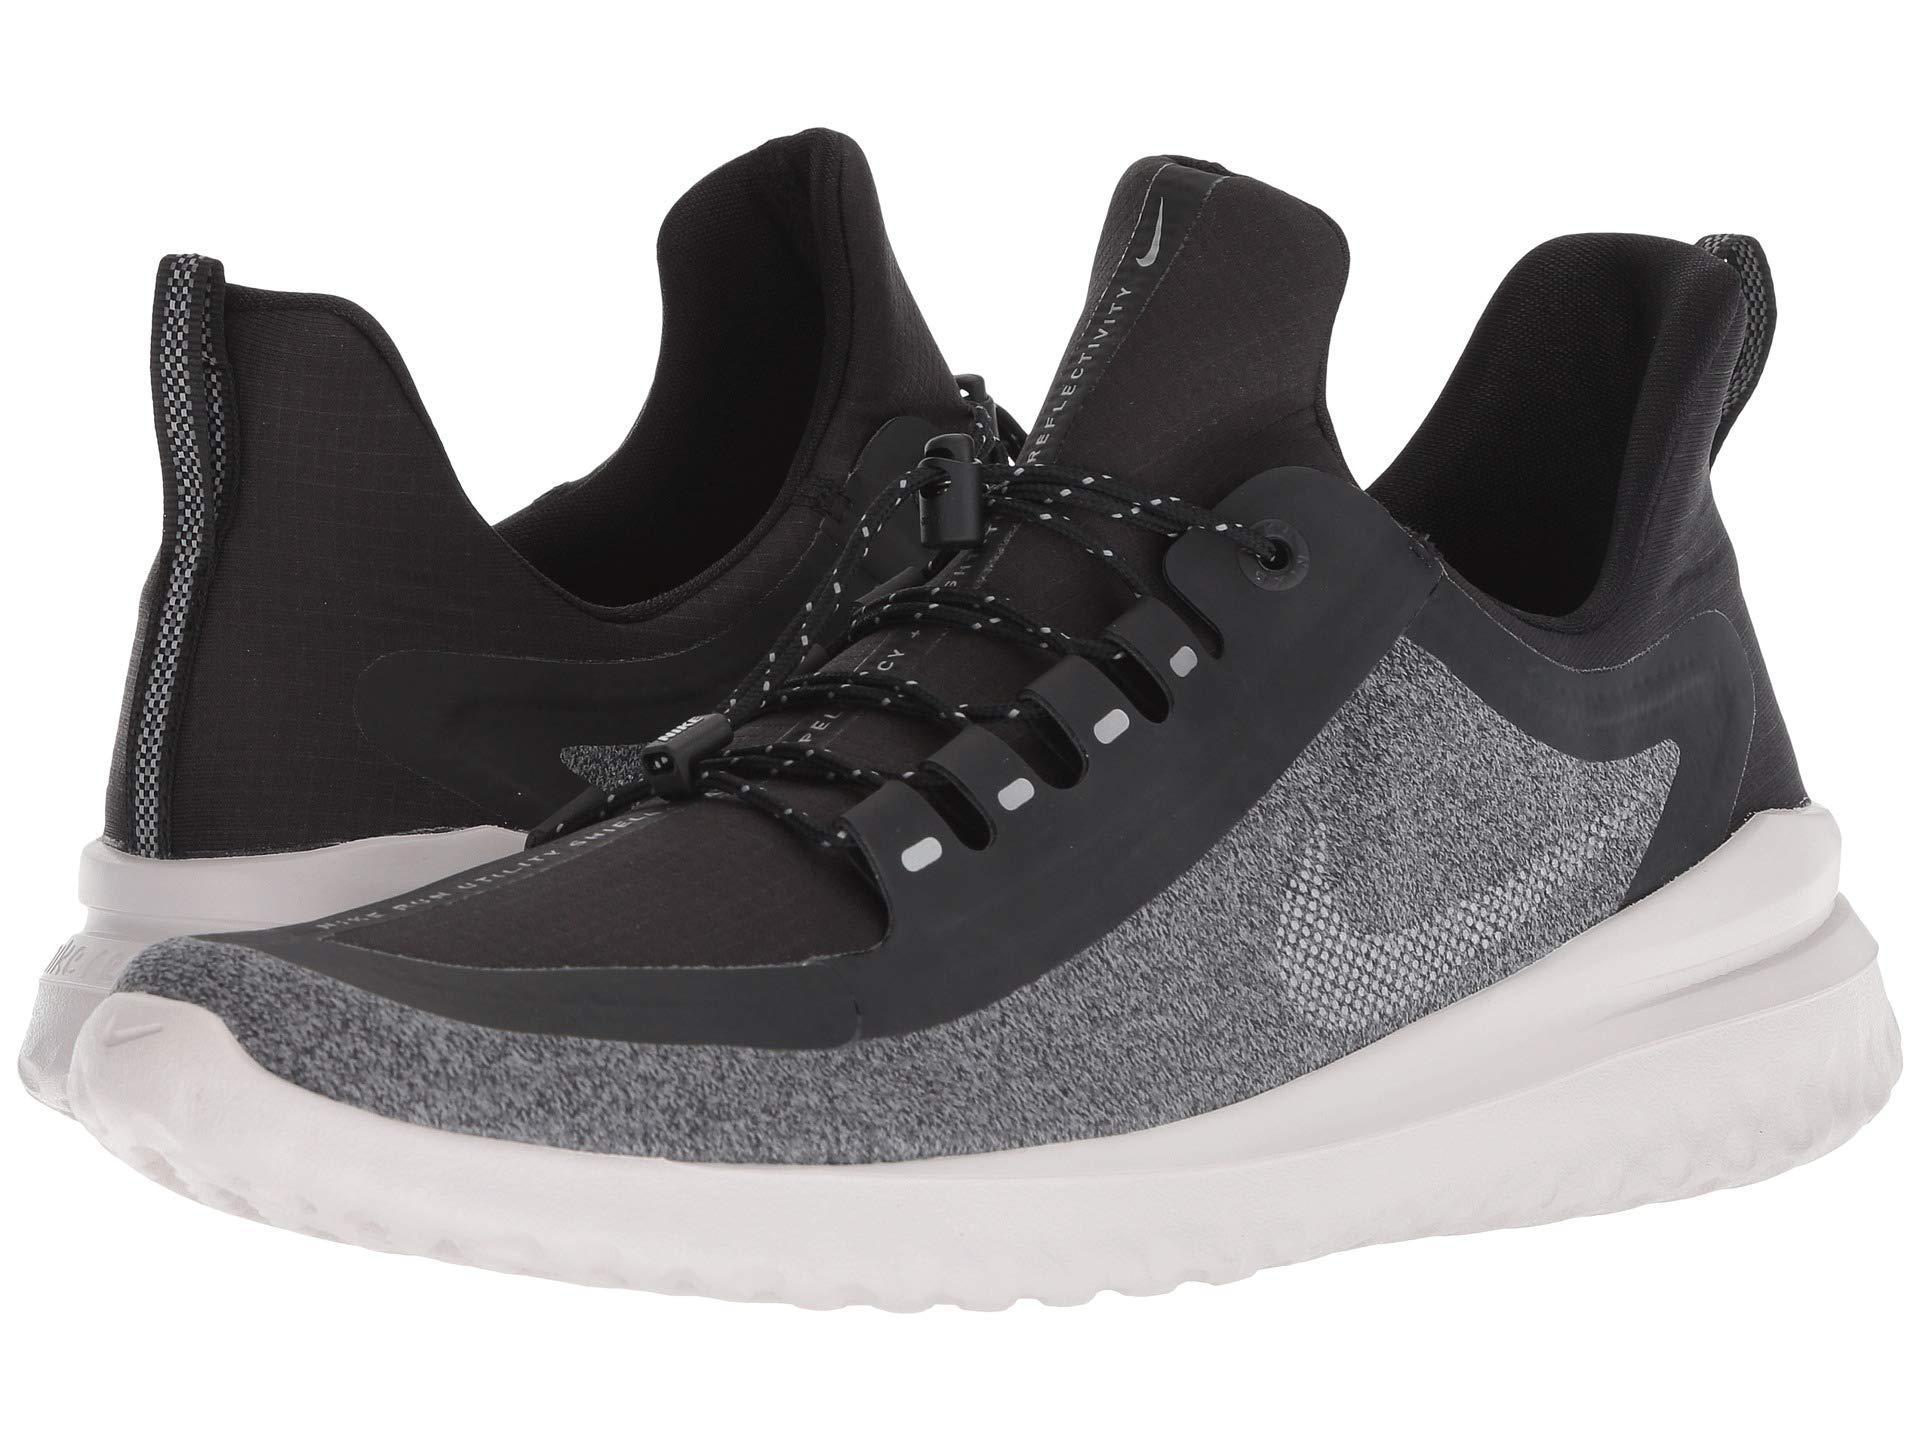 085e7d429cd Lyst - Nike Renew Rival Shield (black metallic Silver cool Grey ...